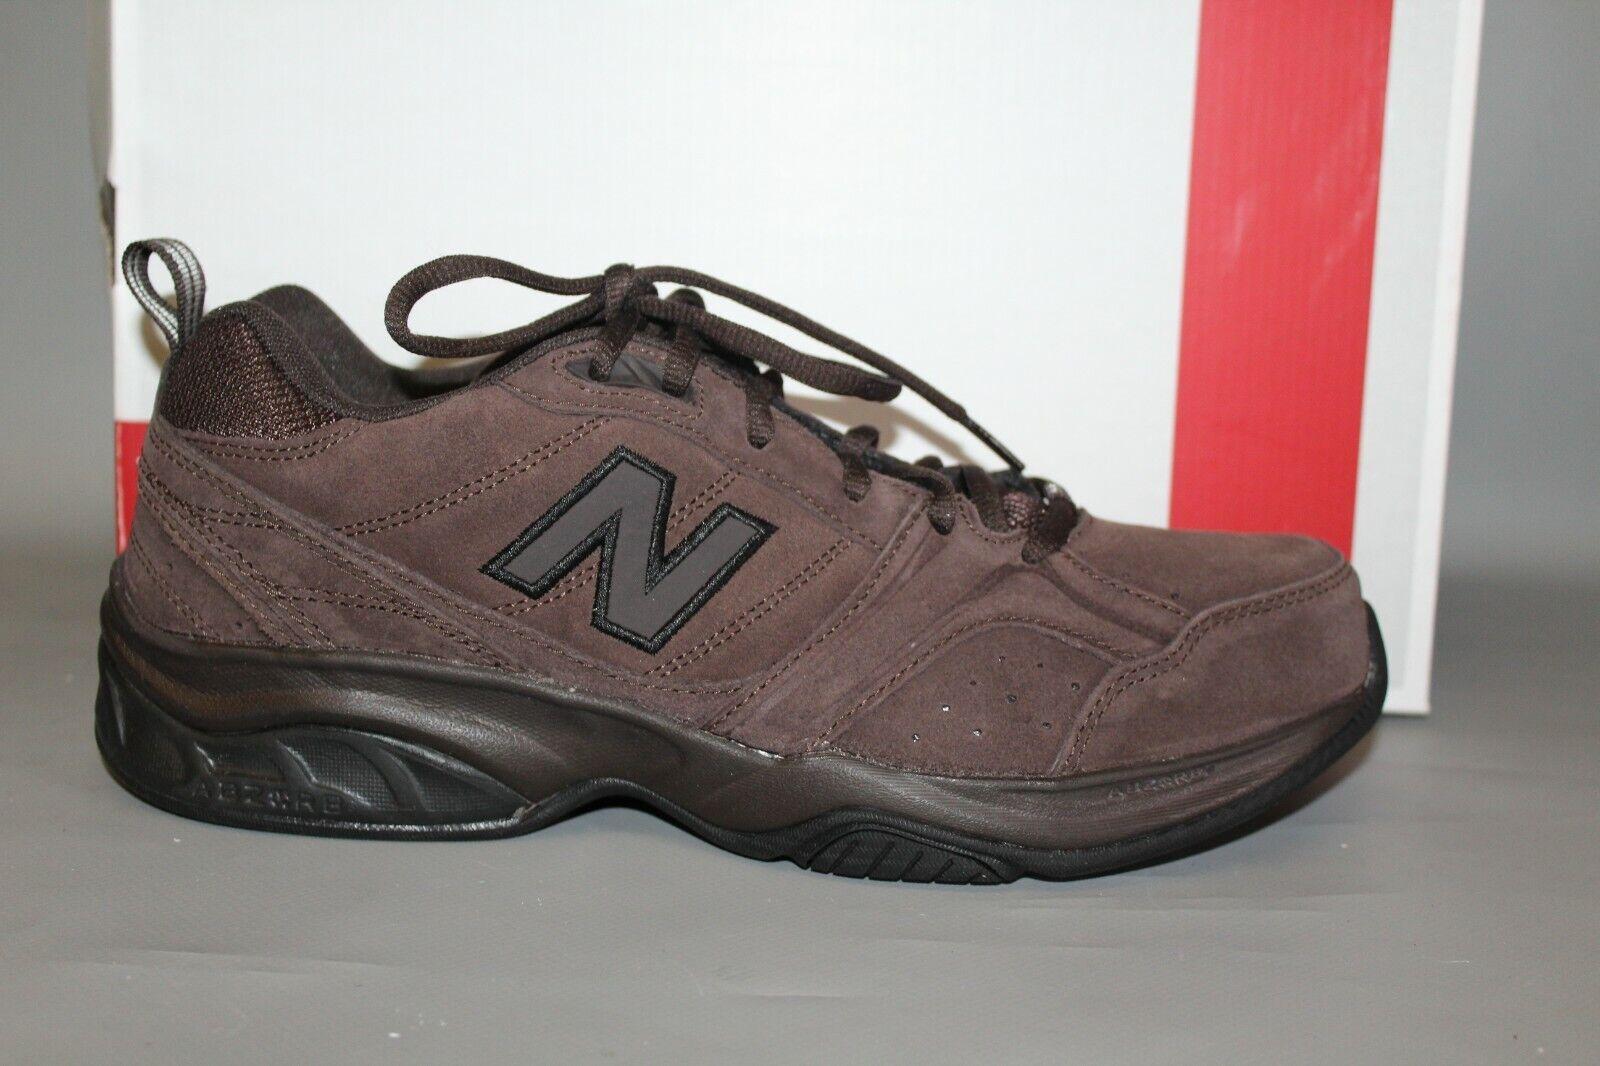 NEW Uomo New Balance MX623OD2, Athletic Athletic Athletic Walking scarpe 12979a